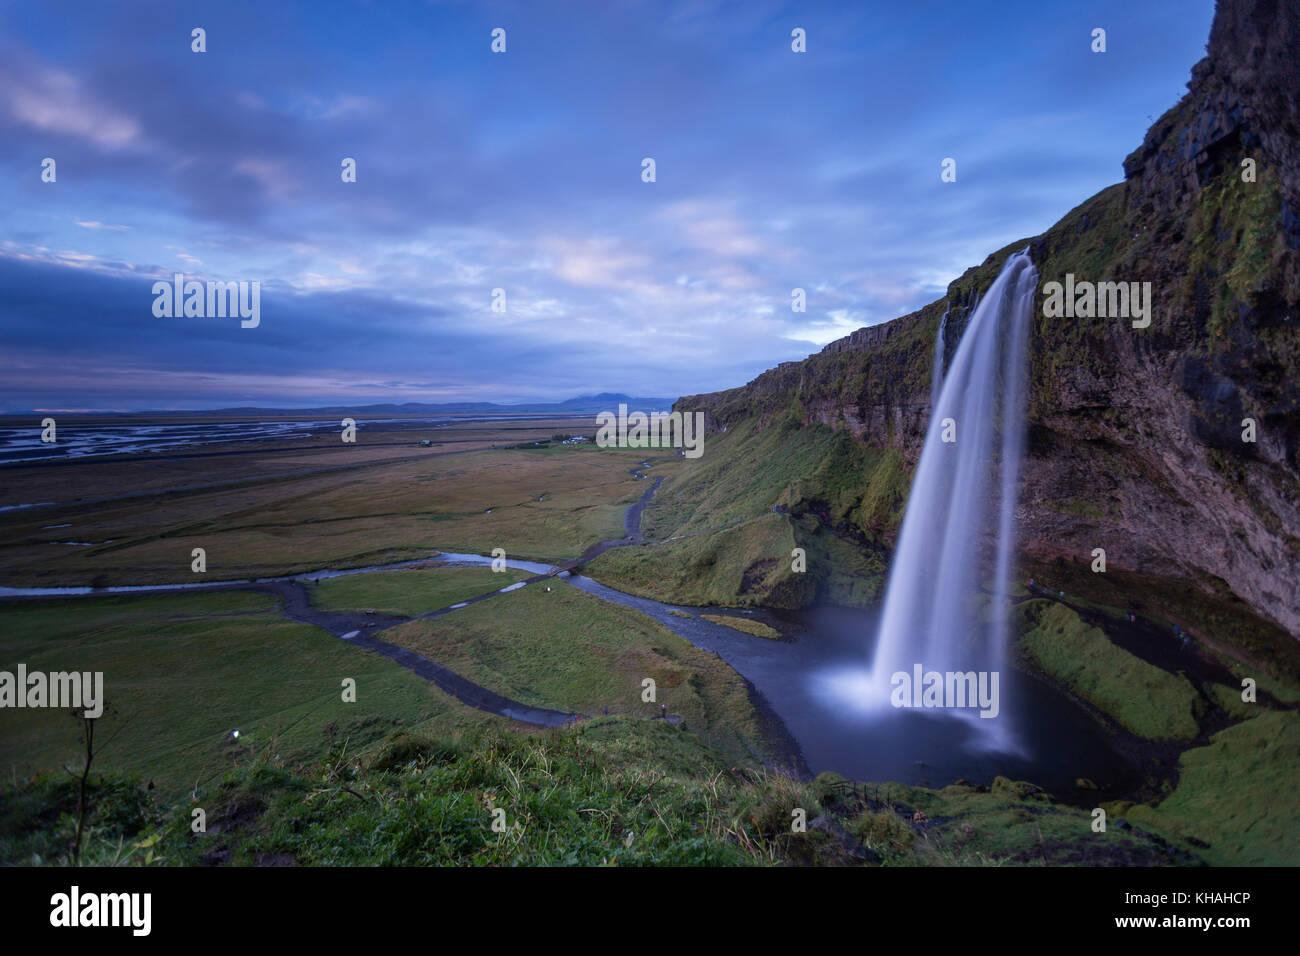 Cascata Seljalandsfoss sulla costa sud dell'Islanda. Una destinazione turistica molto conosciuta. Immagini Stock